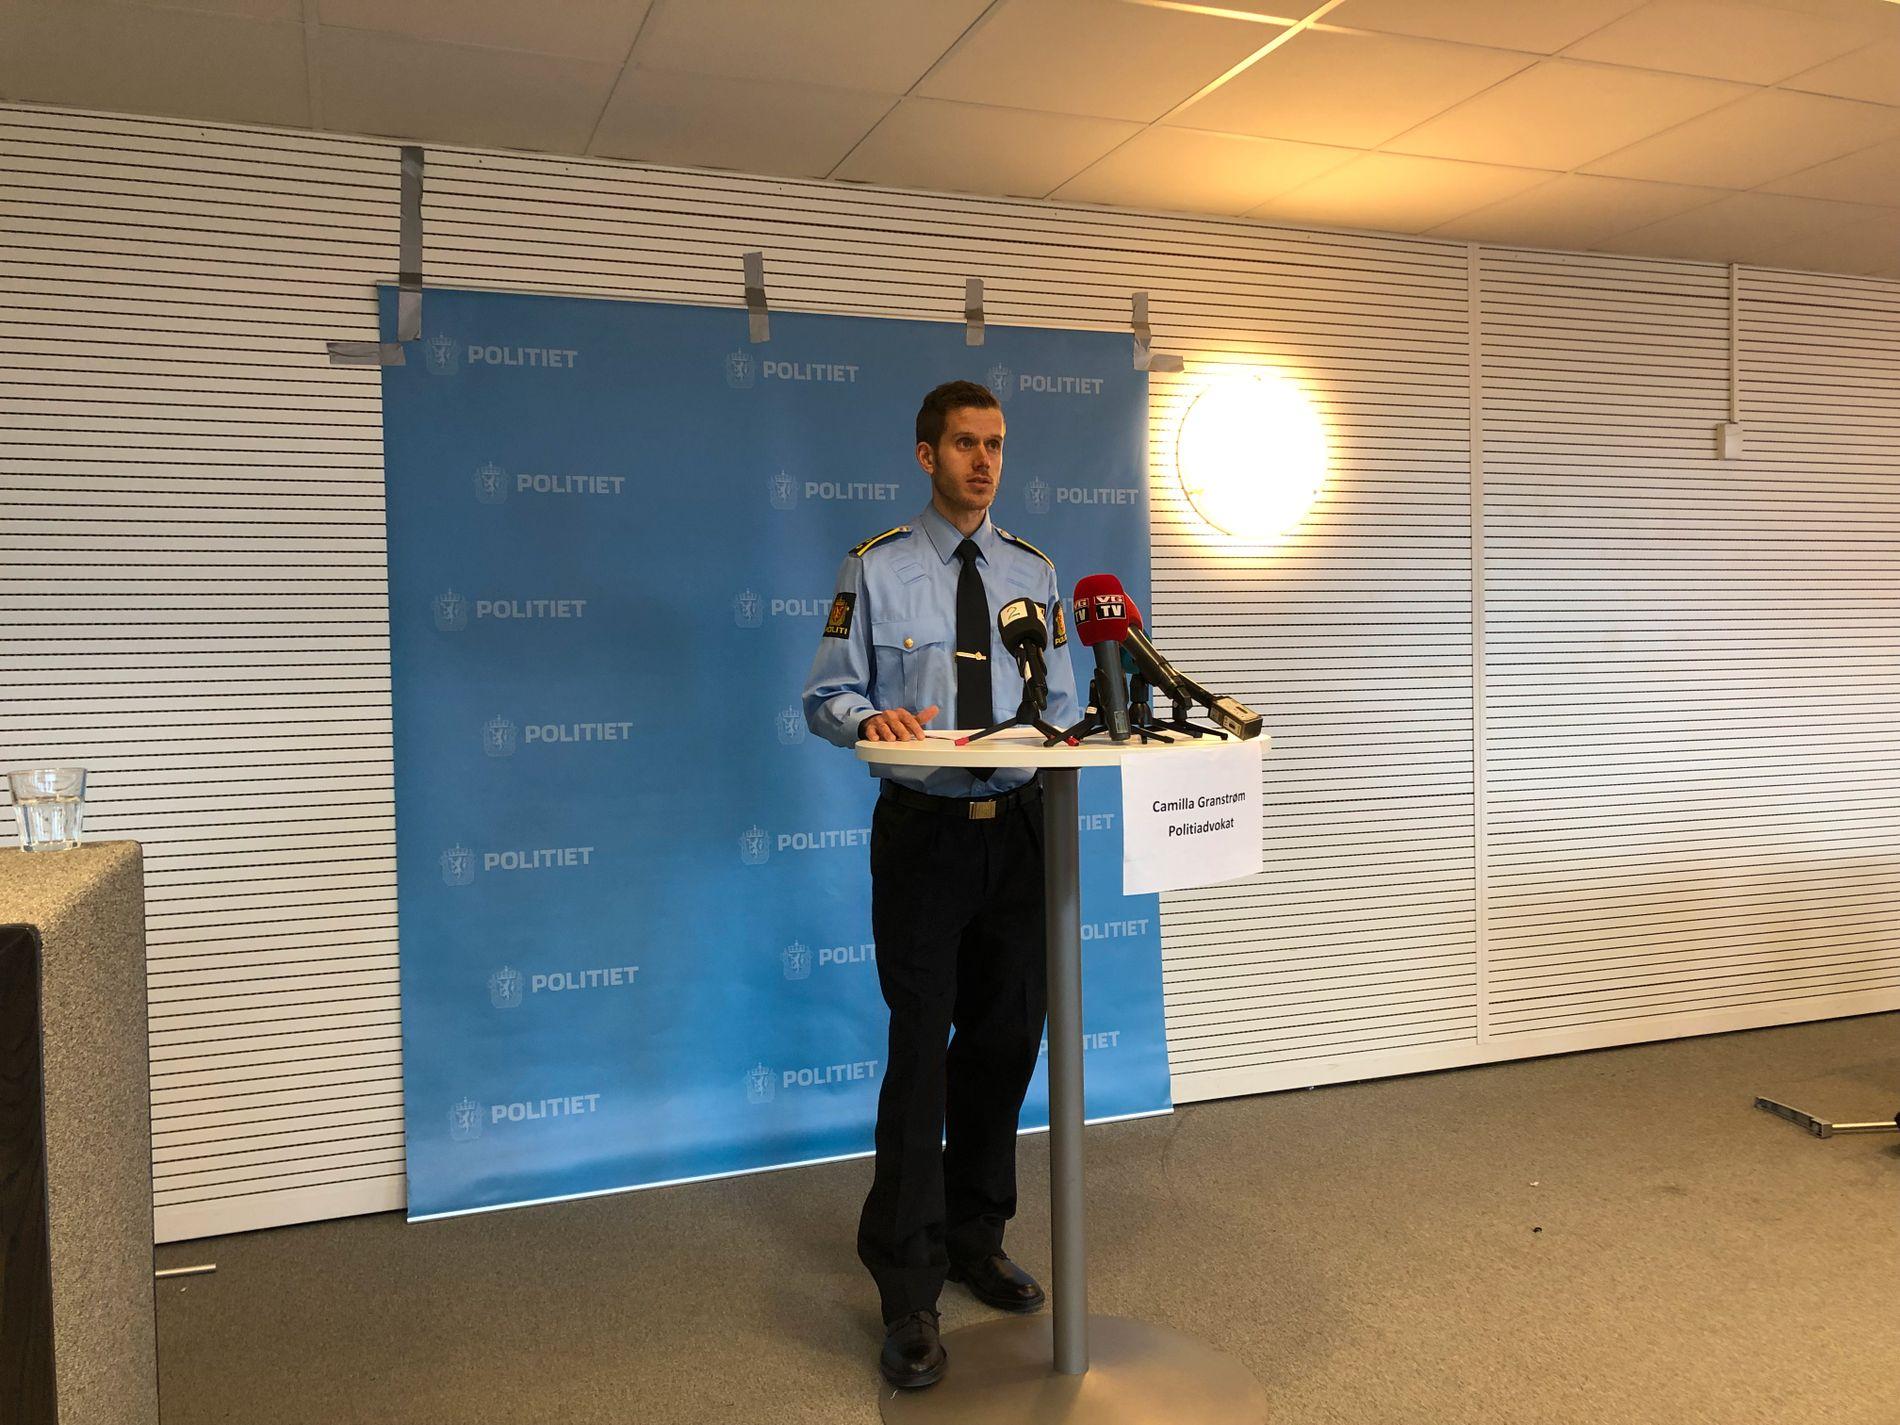 ETTERFORSKNING: Forløpet til pågripelsen av de to mennene var dramatisk, sier etterforskningsleder Frode Stenberg ved Øst politidistrikt.